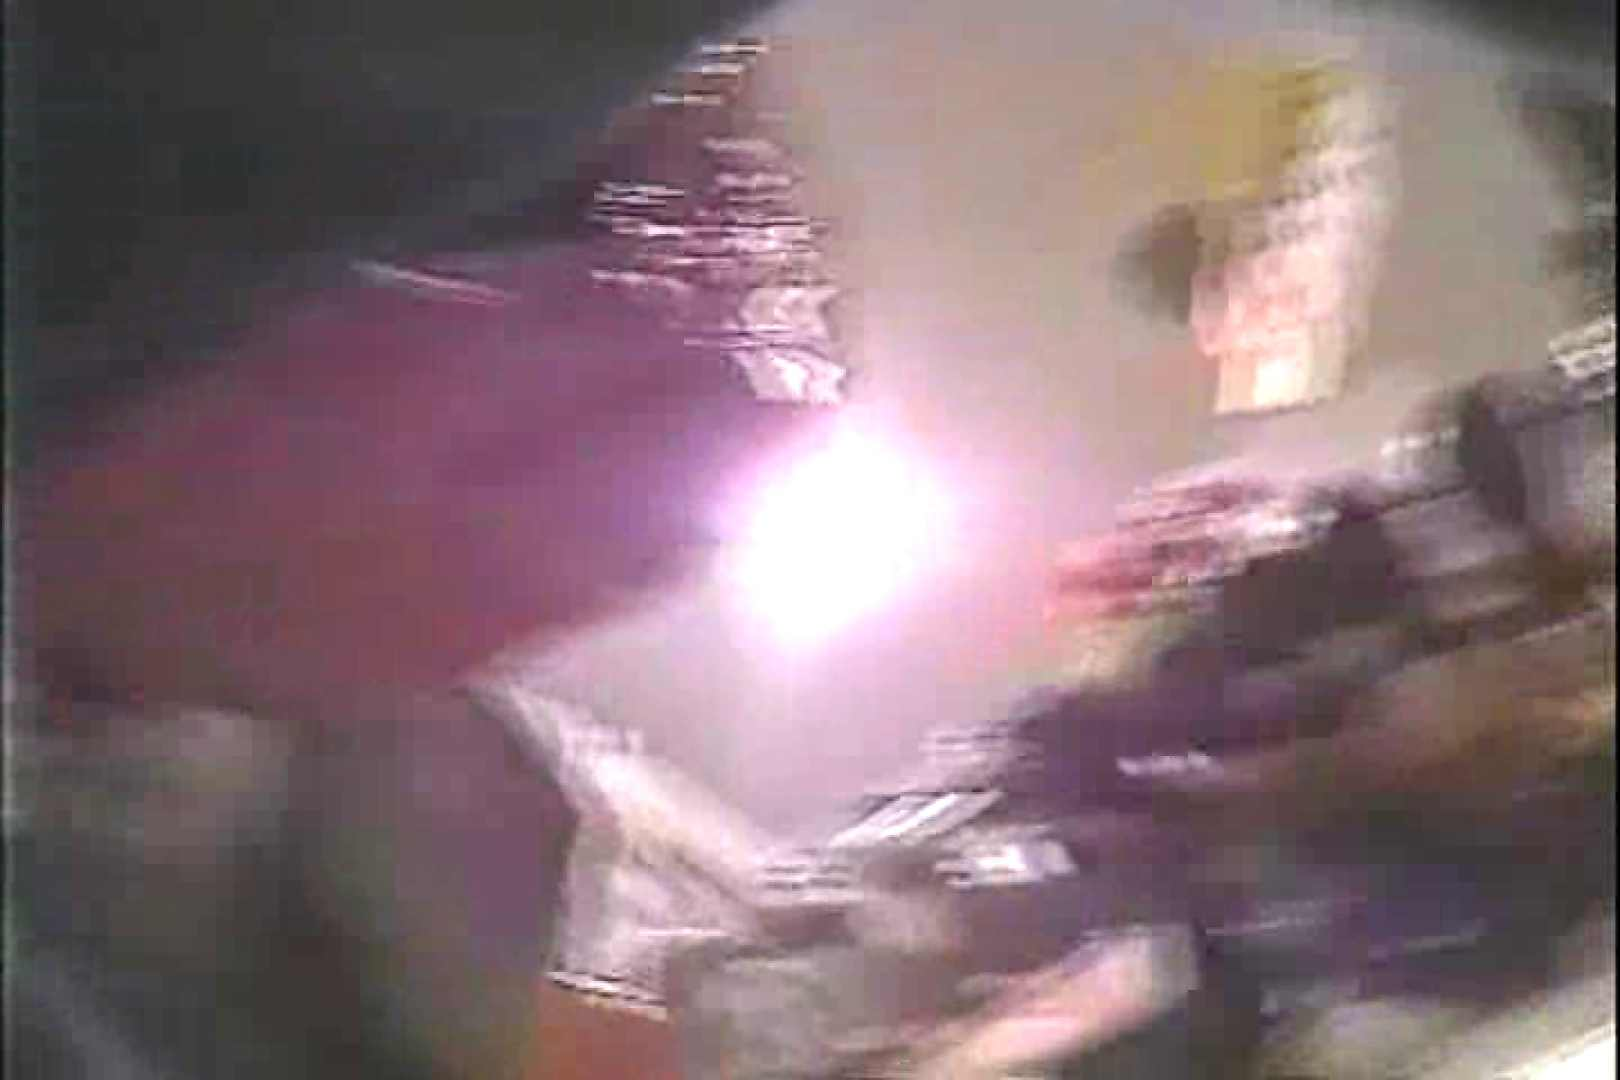 「ちくりん」さんのオリジナル未編集パンチラVol.3_01 レースクイーン 盗撮おまんこ無修正動画無料 103pic 76